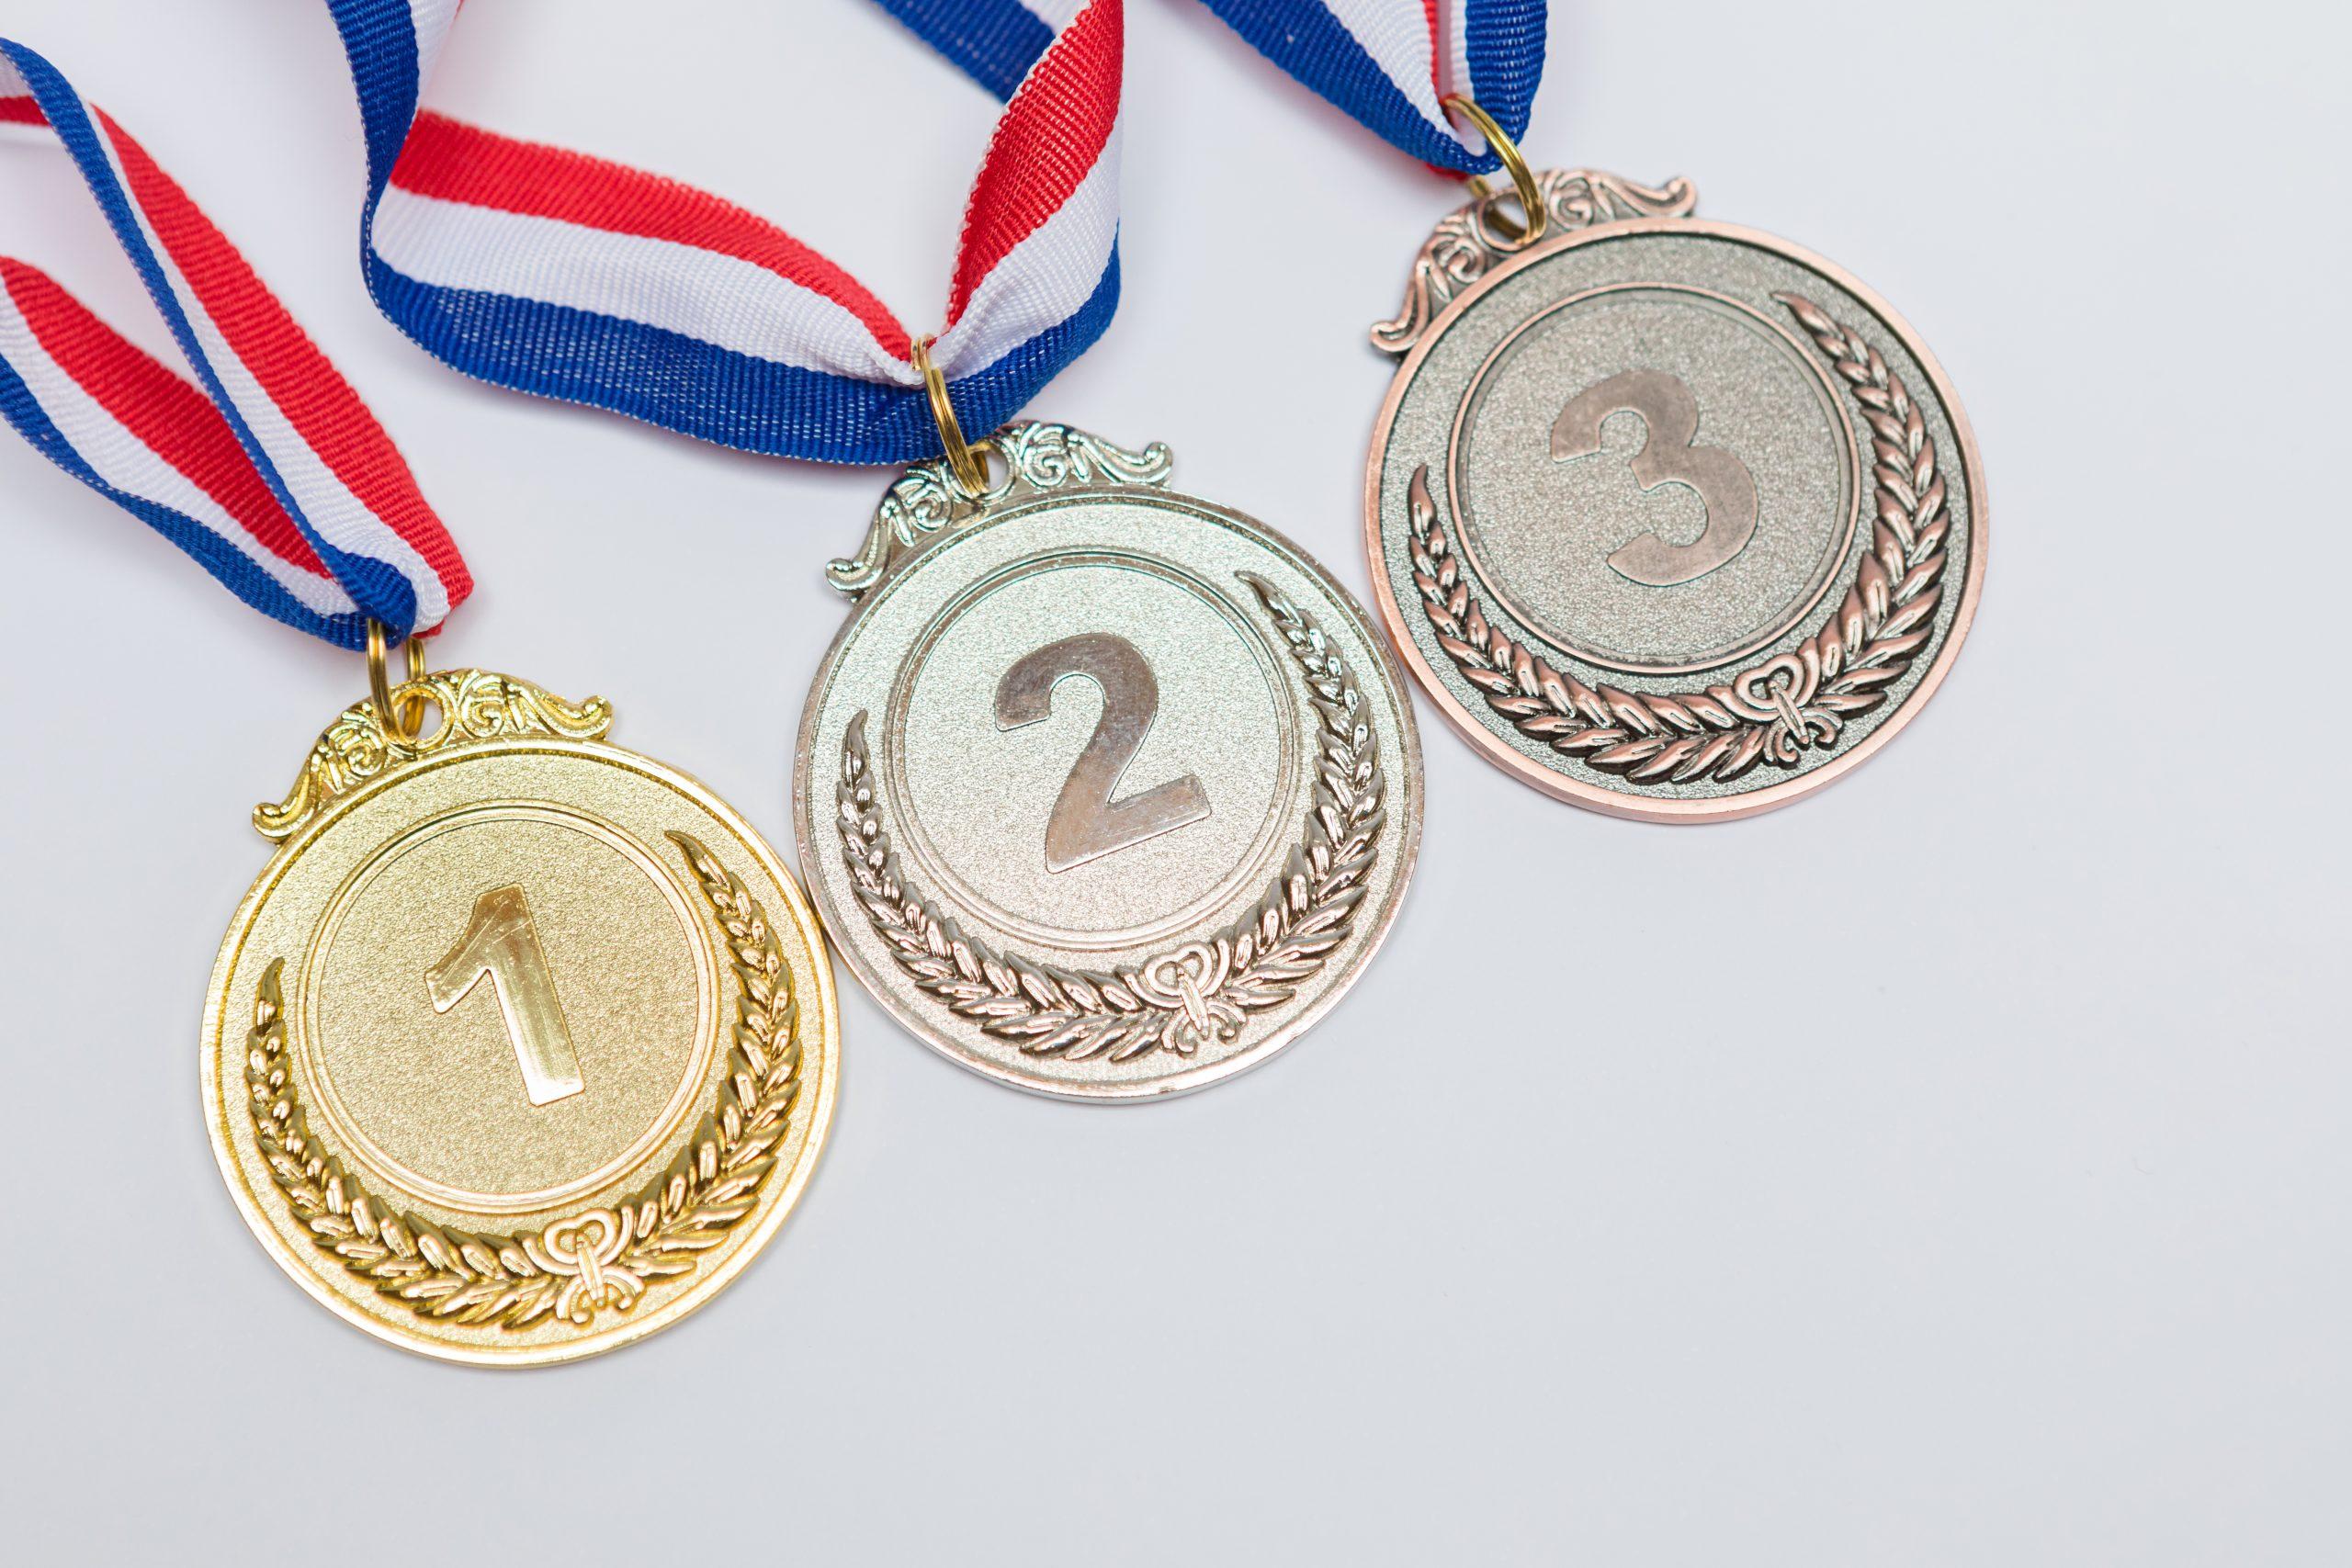 ¿Quiénes han sido los ganadores de las de las Olimpiadas de Tokio 2021?